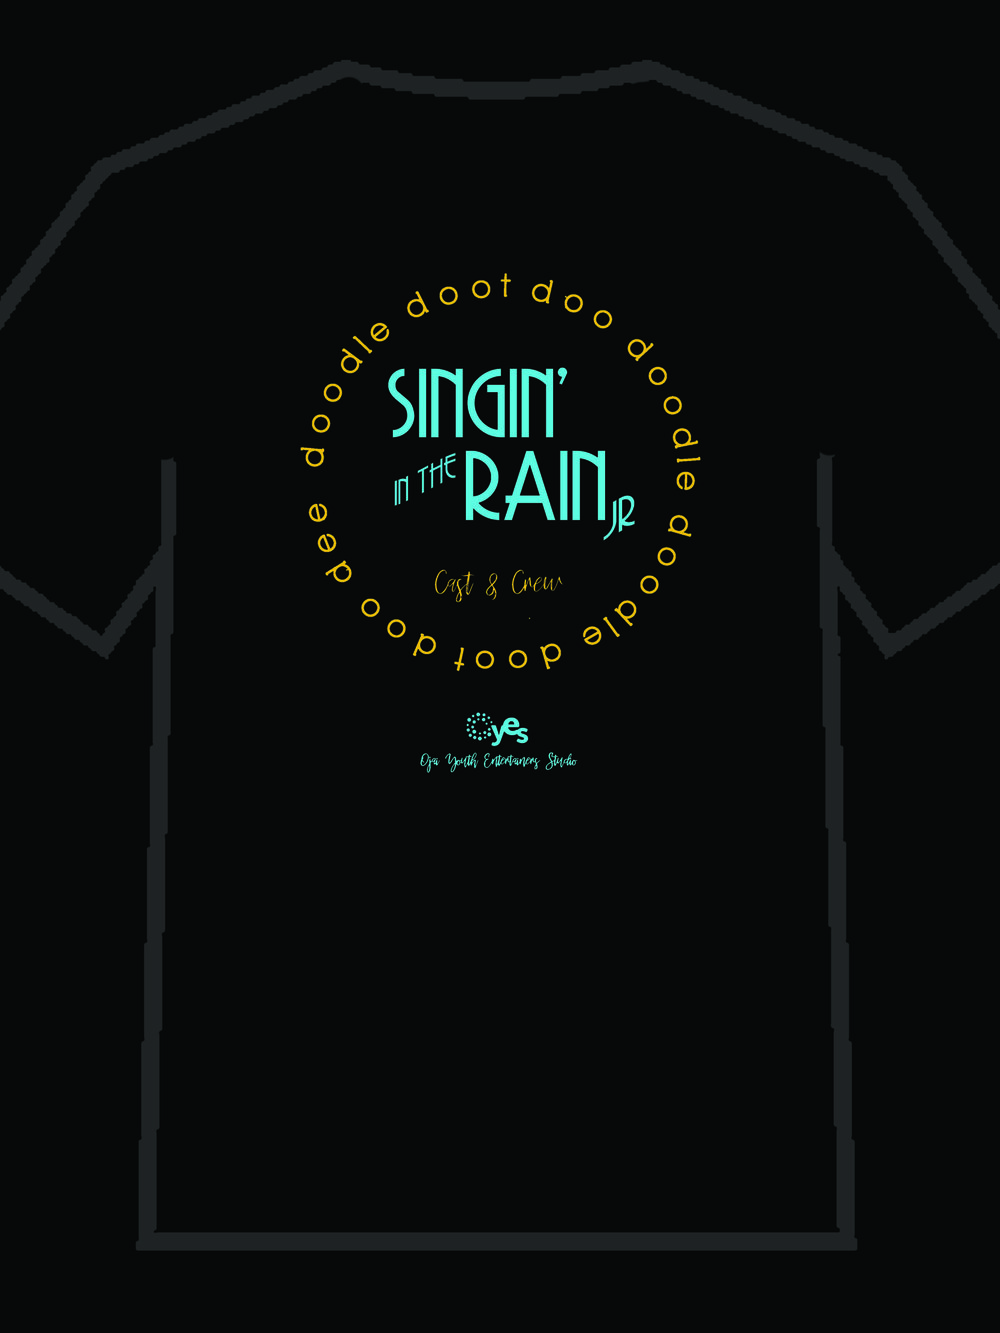 sitr_shirt_back-layout.jpg